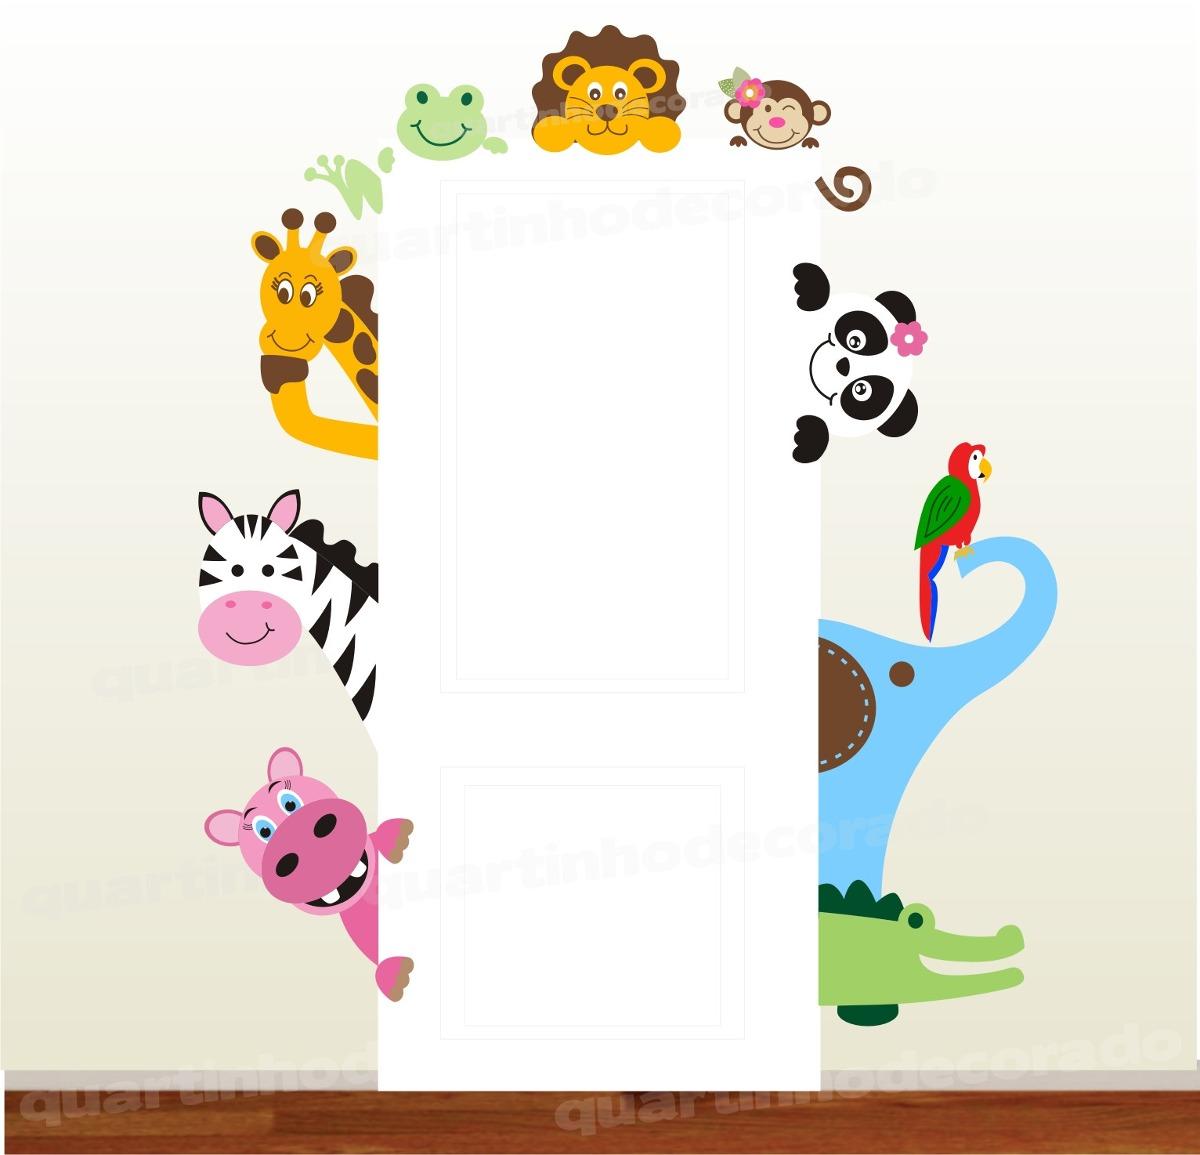 Adesivo De Madeira Para Piso ~ Adesivo Infantil Quarto Bebe Safari Porta Decorativo Zoo 64 R$ 148,00 em Mercado Livre